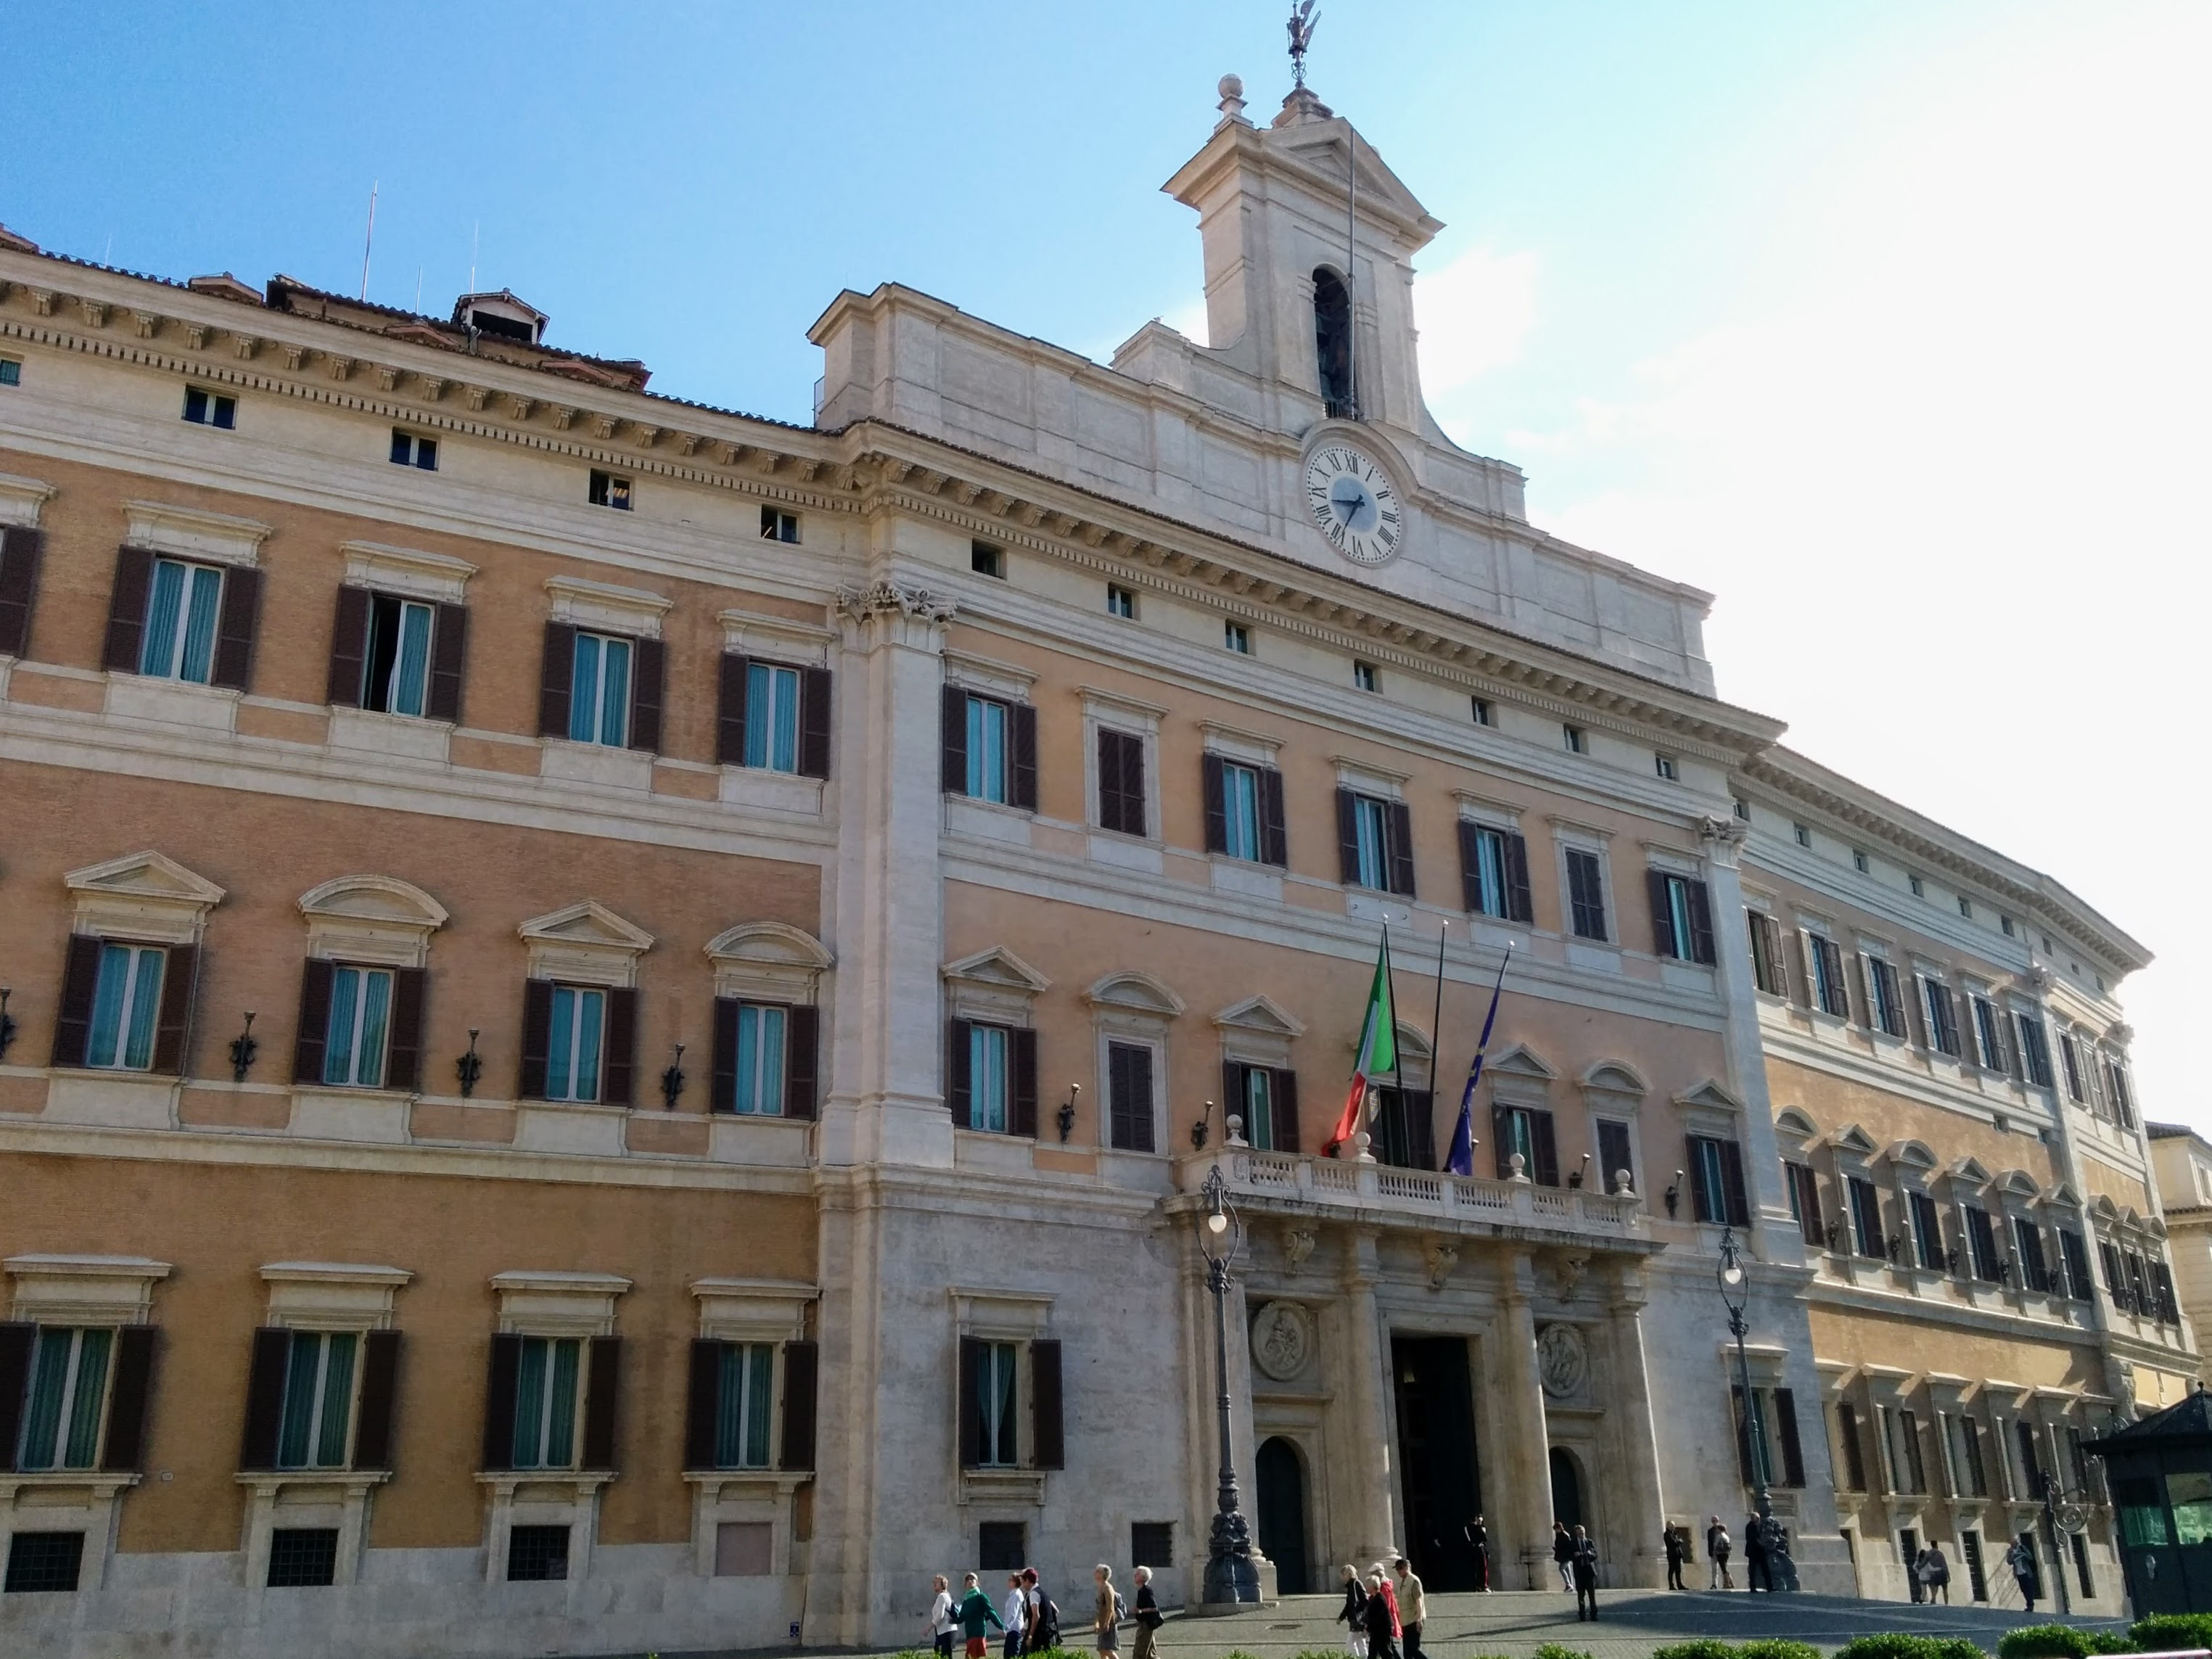 Chamber of Deputies, Montecitorio